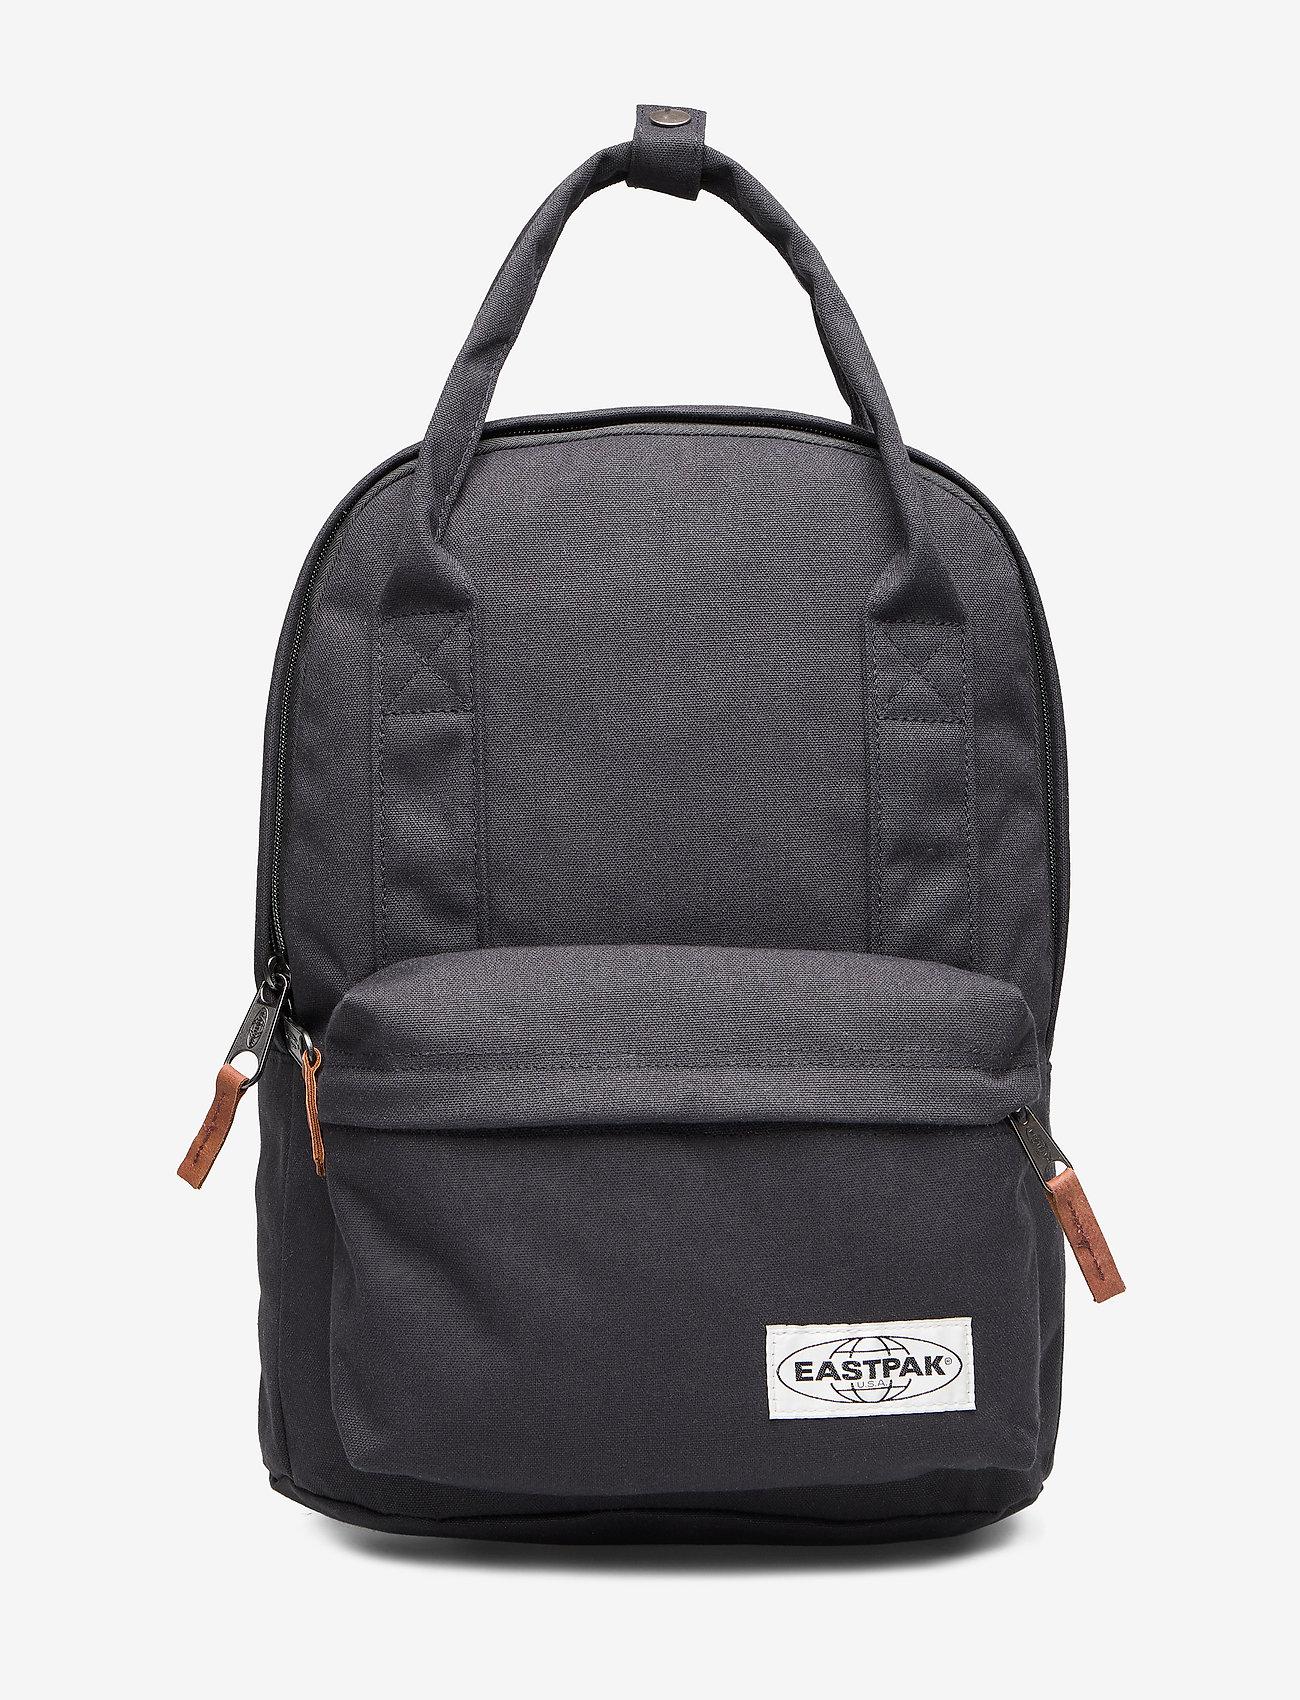 Eastpak - PADDED SHOP'R BLACK - ryggsäckar - opgrade dark - 0